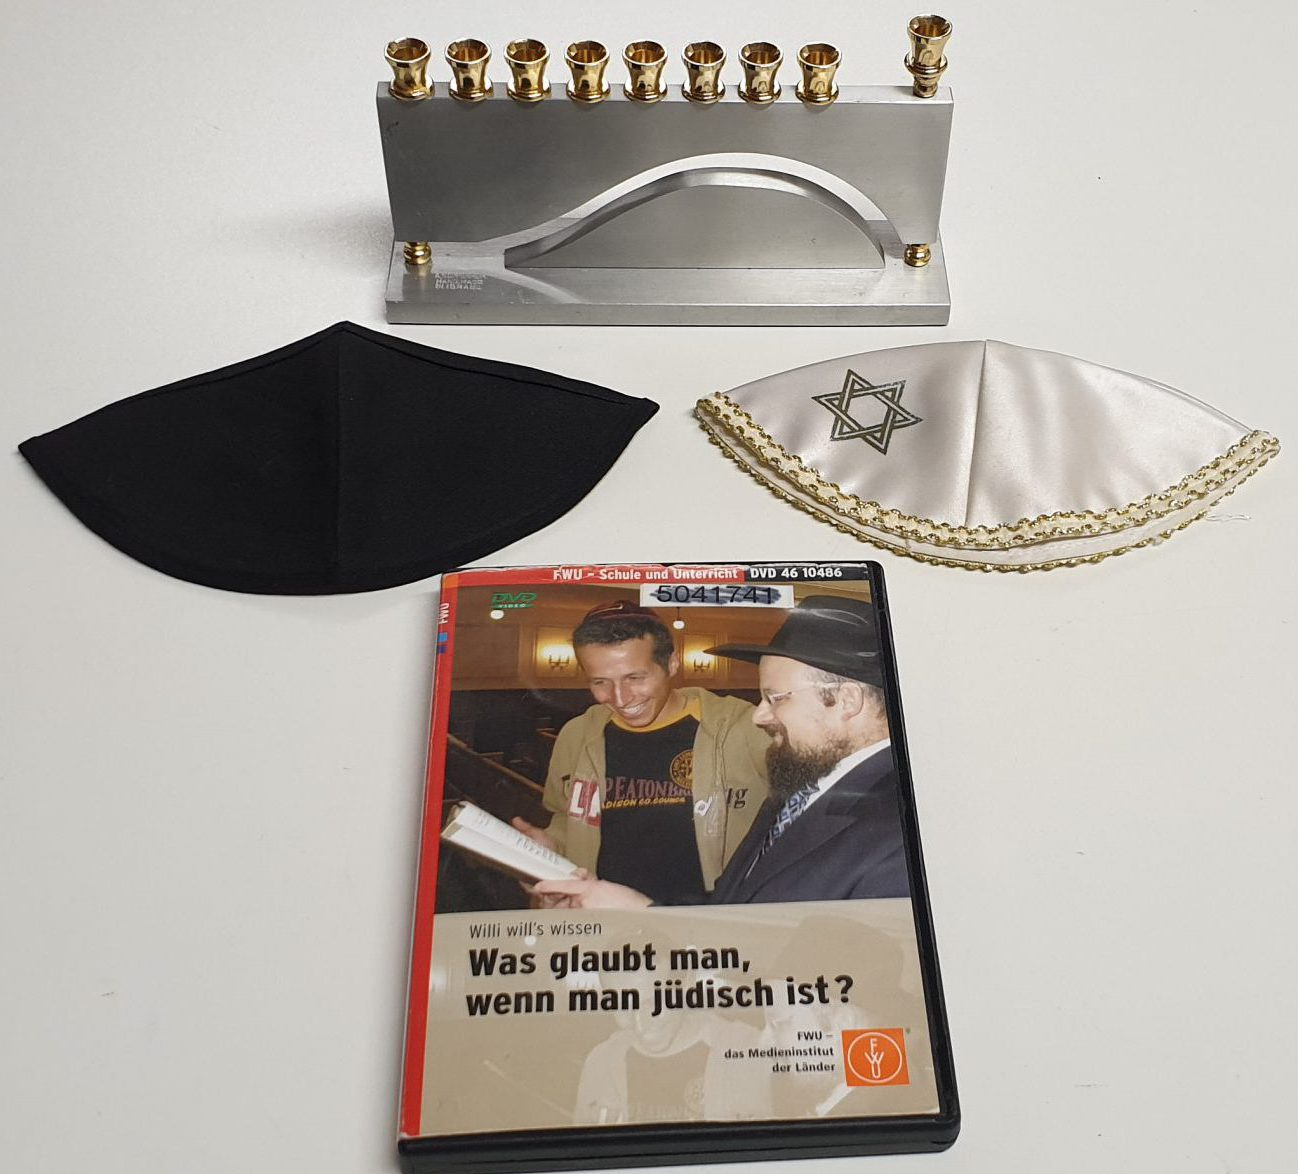 Chanukka-Leuchter, 2 Kippa und DVD - Was glaubt man, wenn man jüdisch ist?